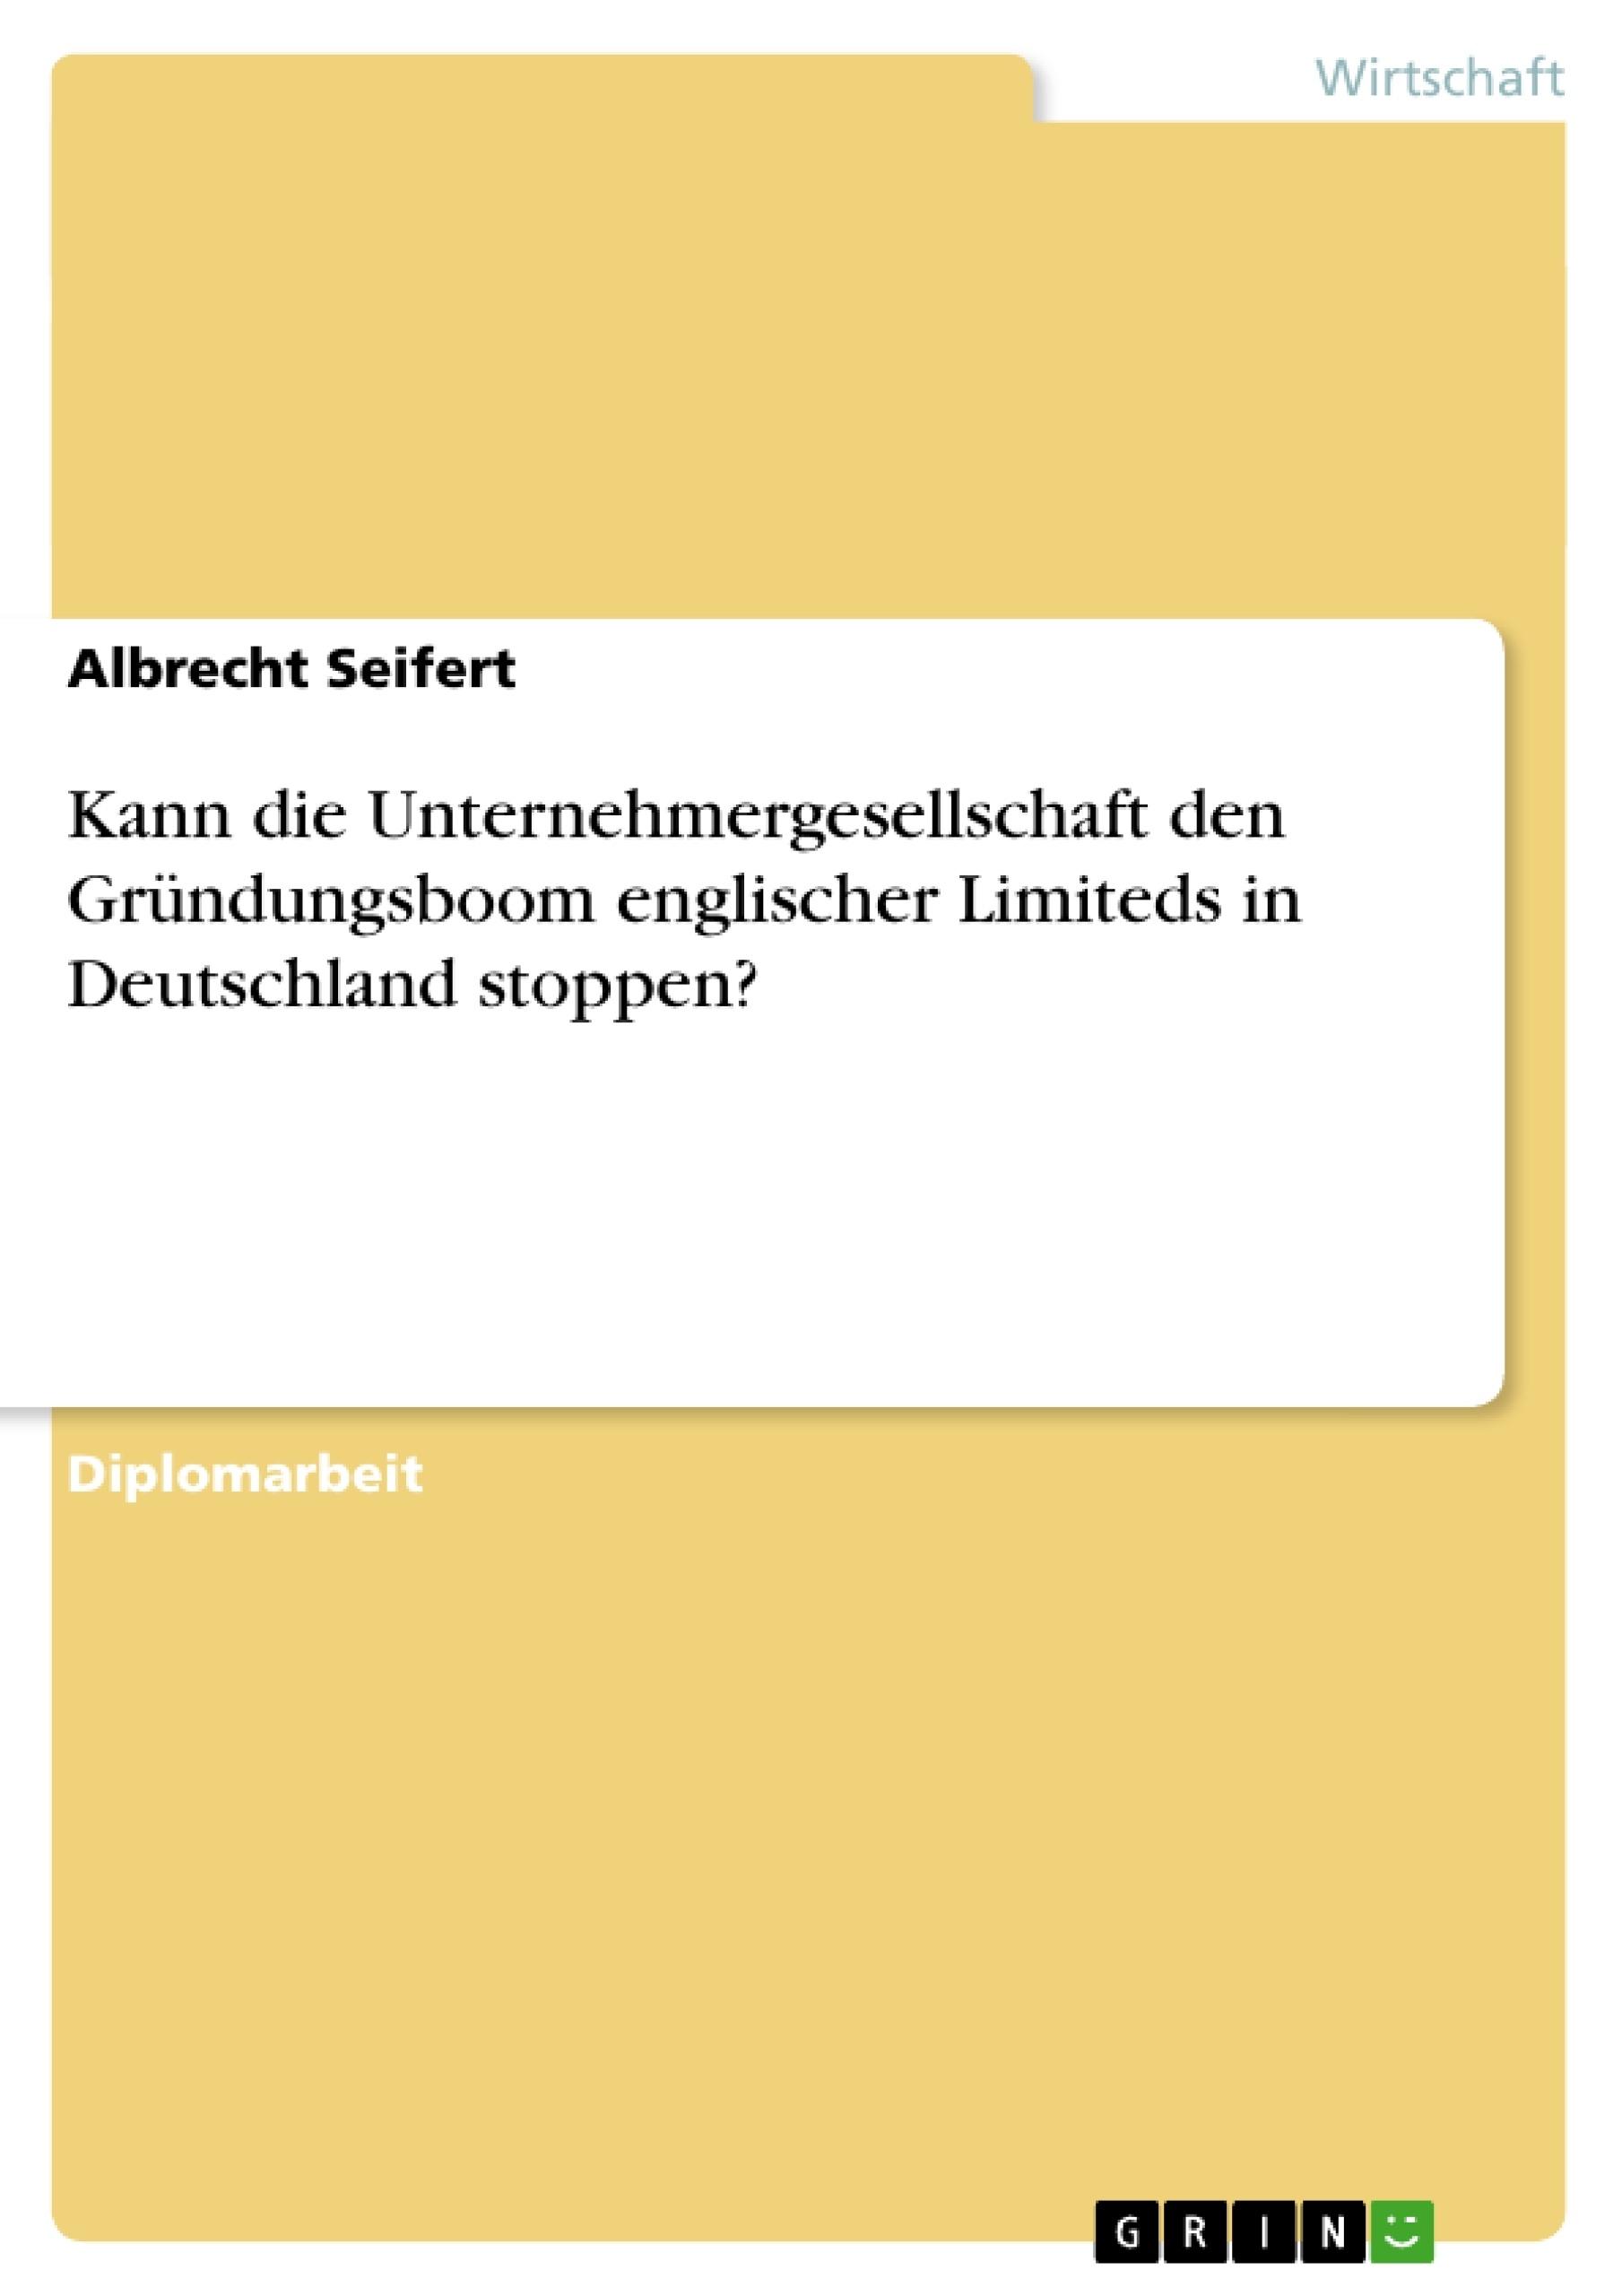 Titel: Kann die Unternehmergesellschaft den Gründungsboom englischer Limiteds in Deutschland stoppen?